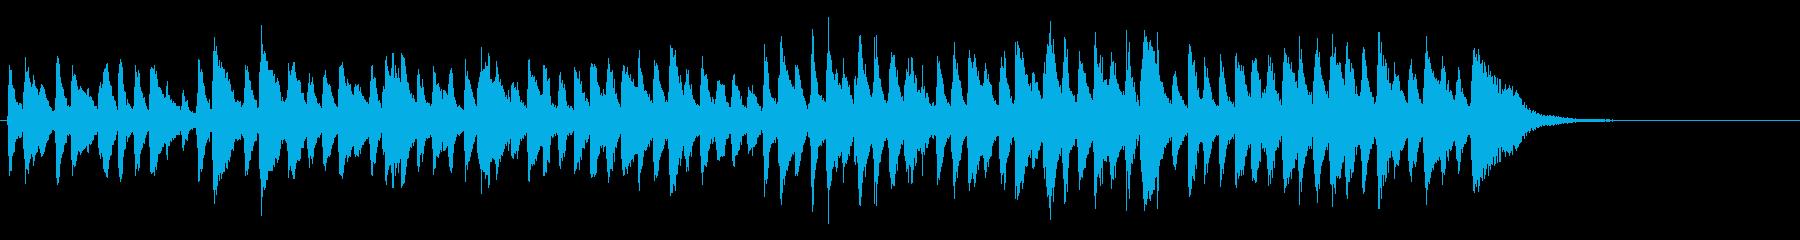 ピアノ協奏曲第2番より(ベートーヴェン)の再生済みの波形